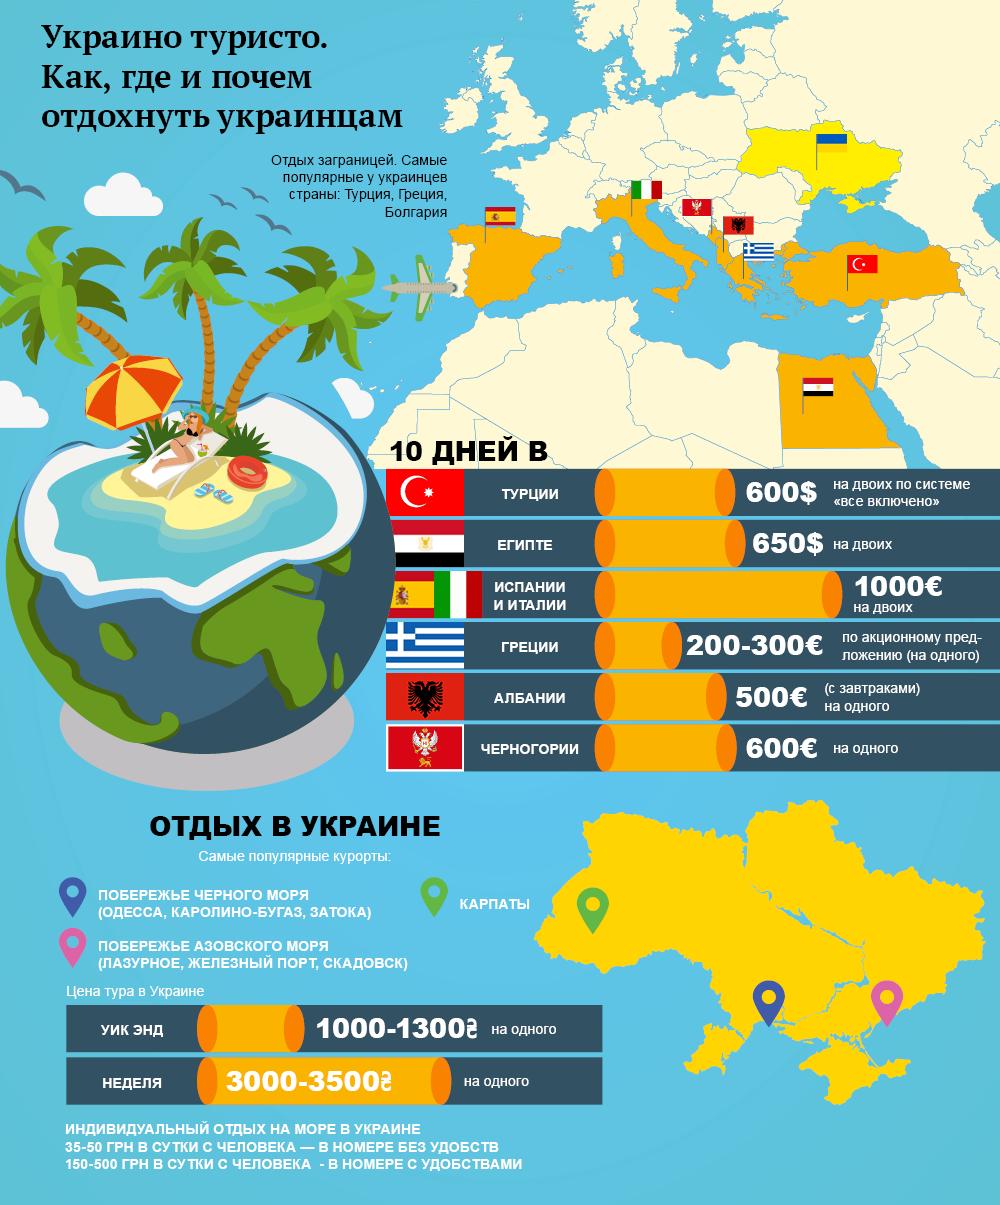 Отпуск-2016: как и где отдохнуть украинцам. Инфографика